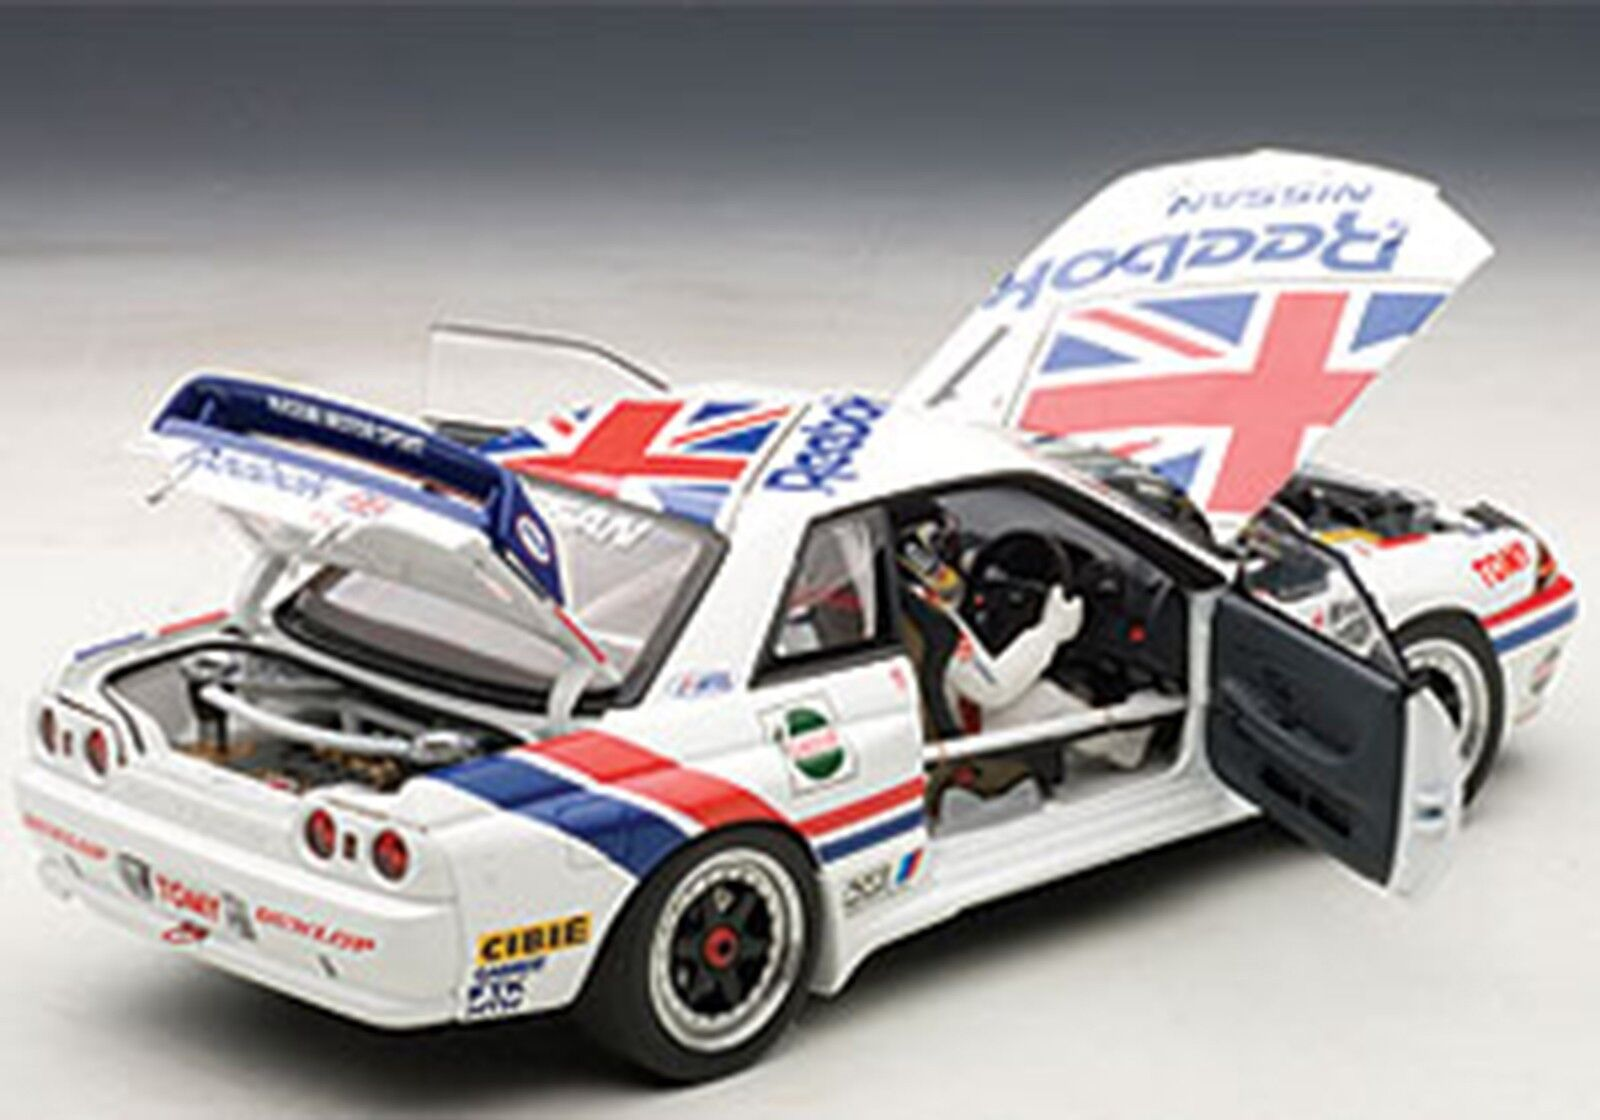 Autoart 1990 Nissan Skyline GT-R R32 Group A 1990 Reebok w Driver 1 18 In Stk